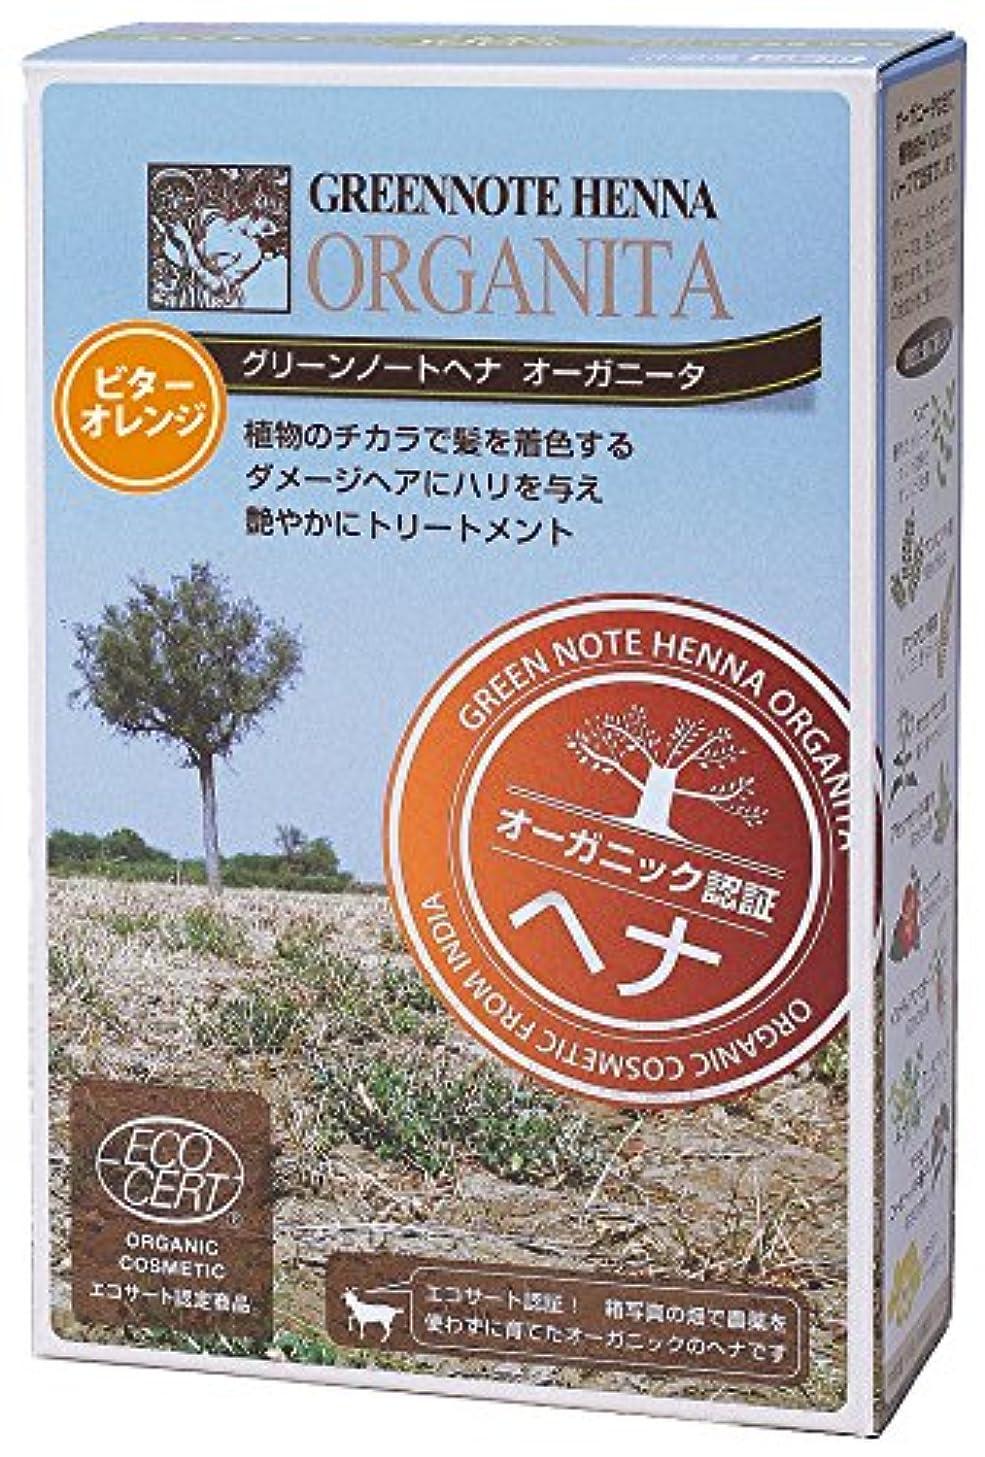 休みペルメル魔法グリーンノートヘナ オーガニータ ビターオレンジ 100g